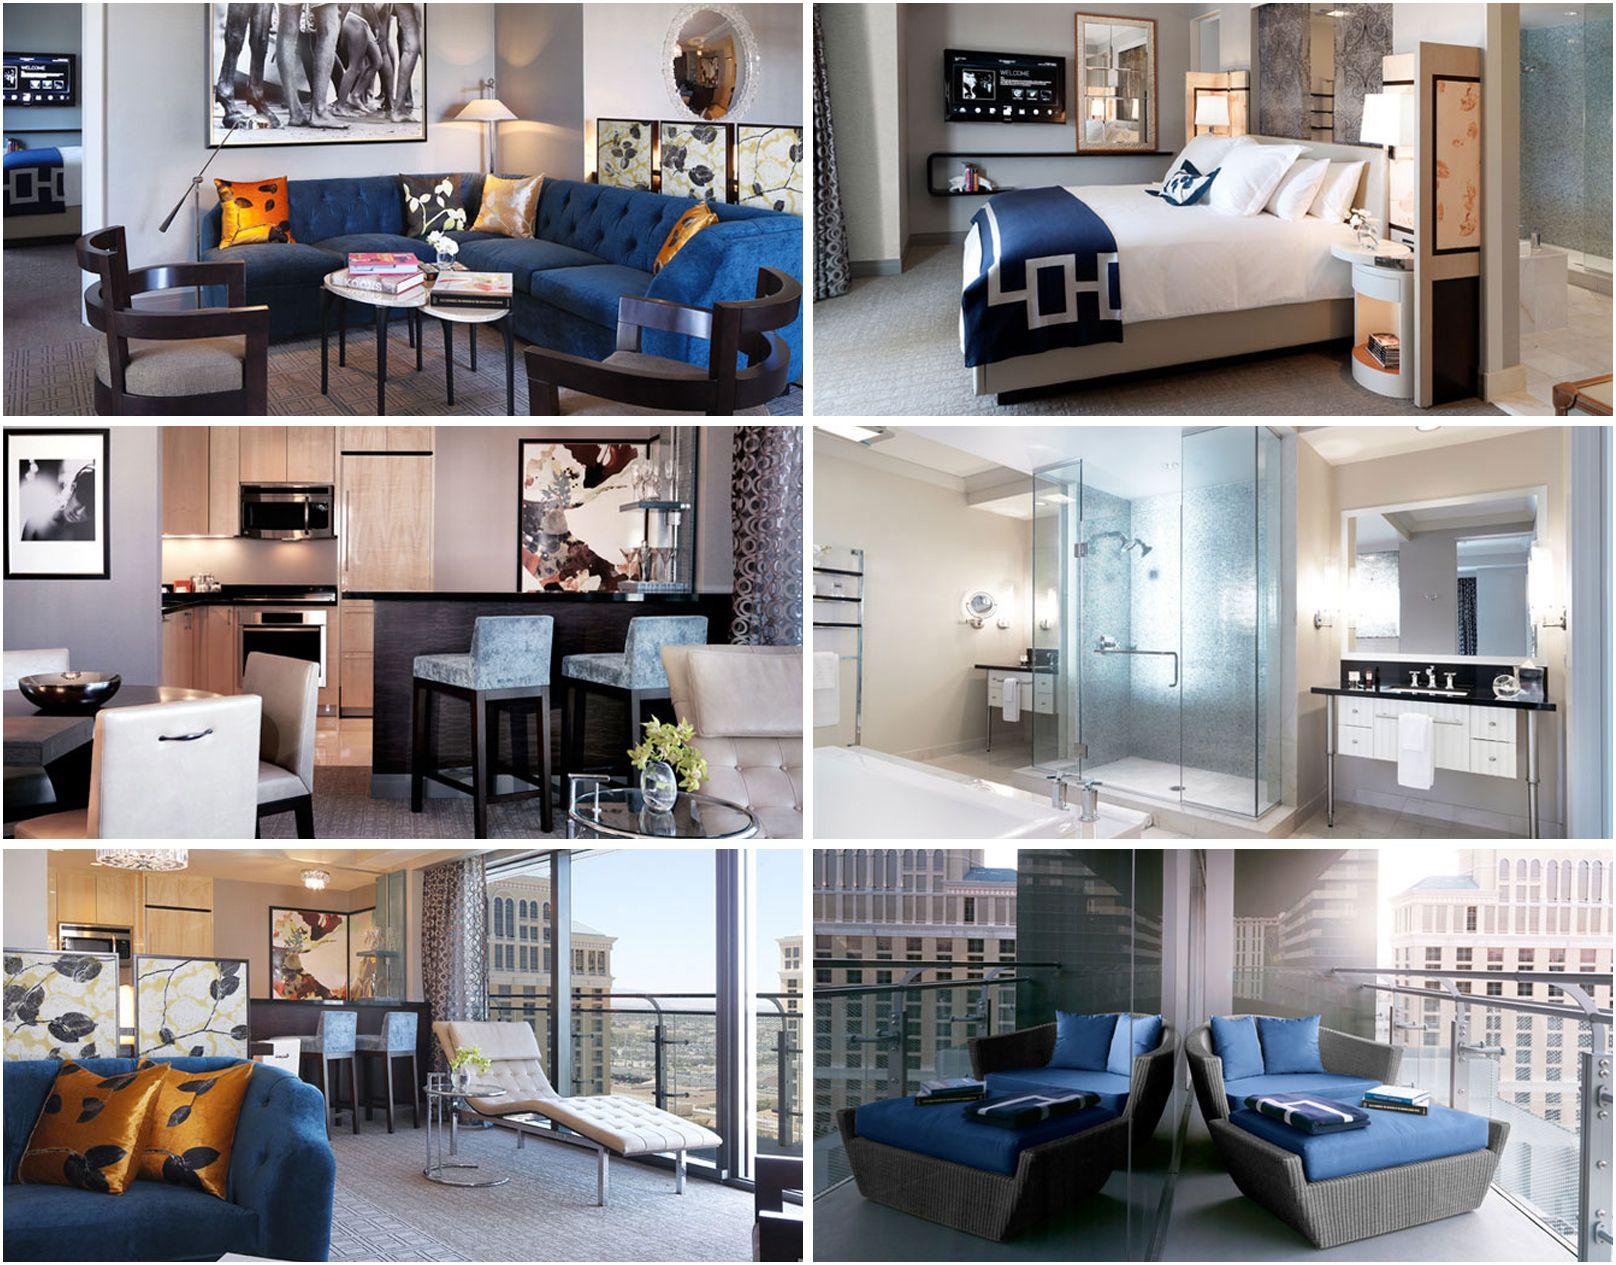 Las Vegas 2 Bedroom Suites Deals 1 Bedroom Terrace Suite Cosmopolitan Www Indiepedia Org